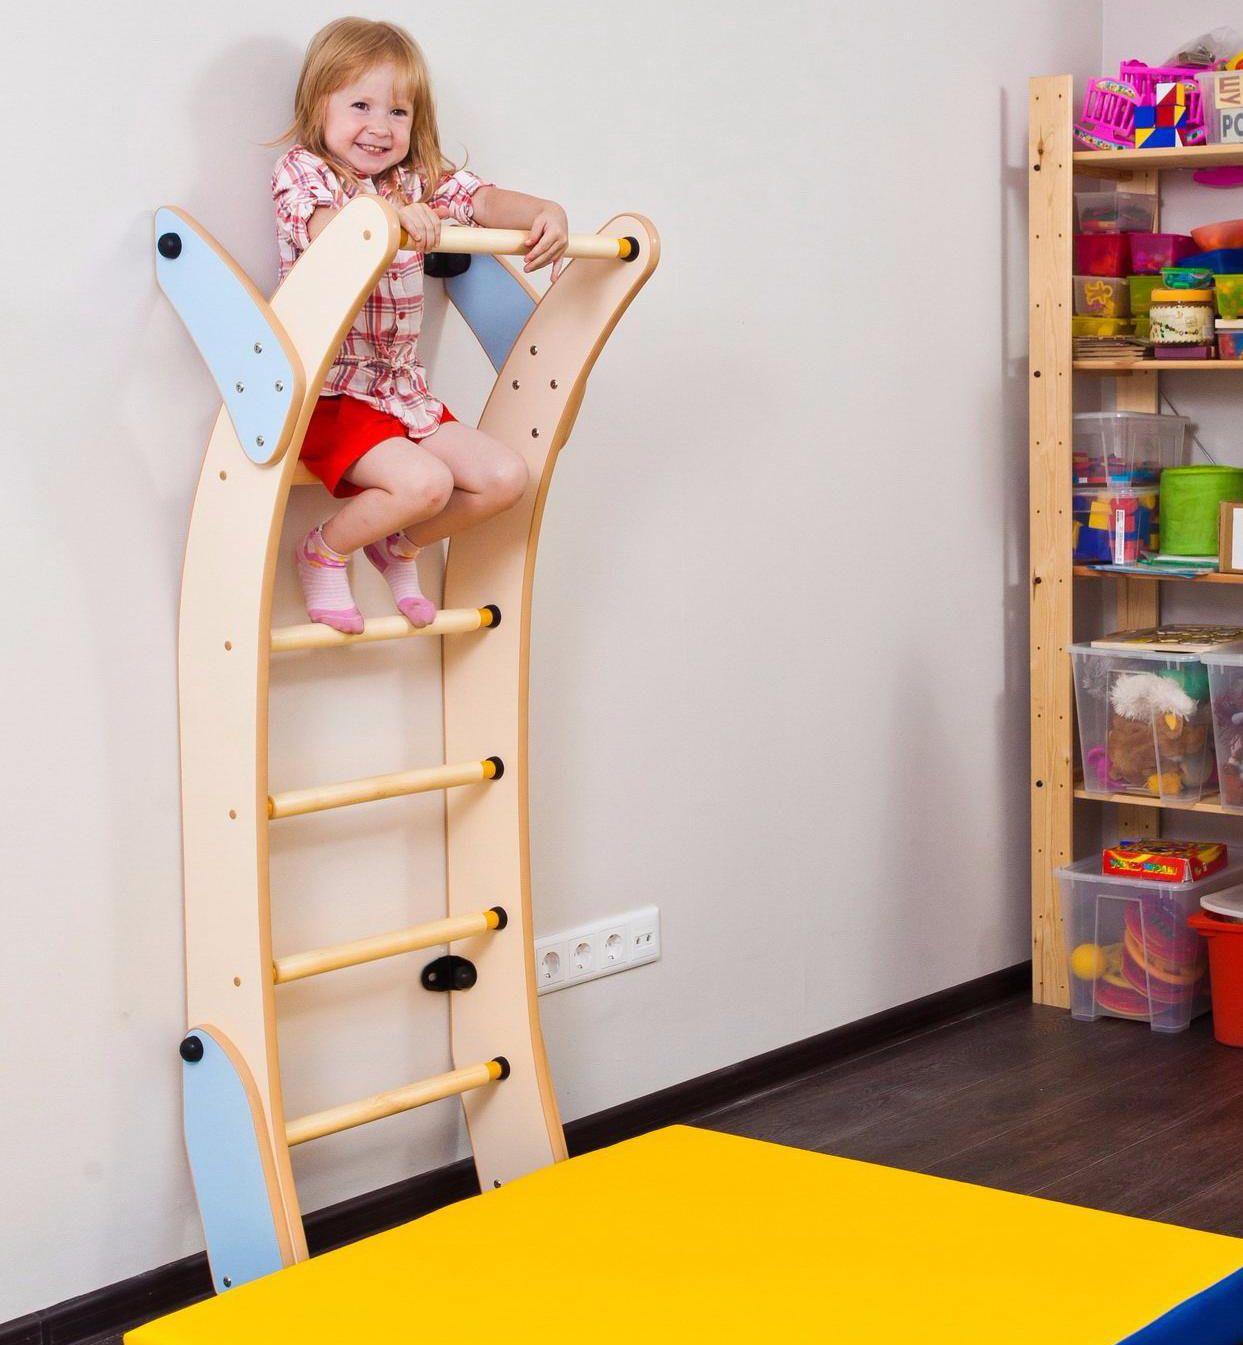 Kids Playground Ladder Set, Indoor Climbing Sport Wall Gym